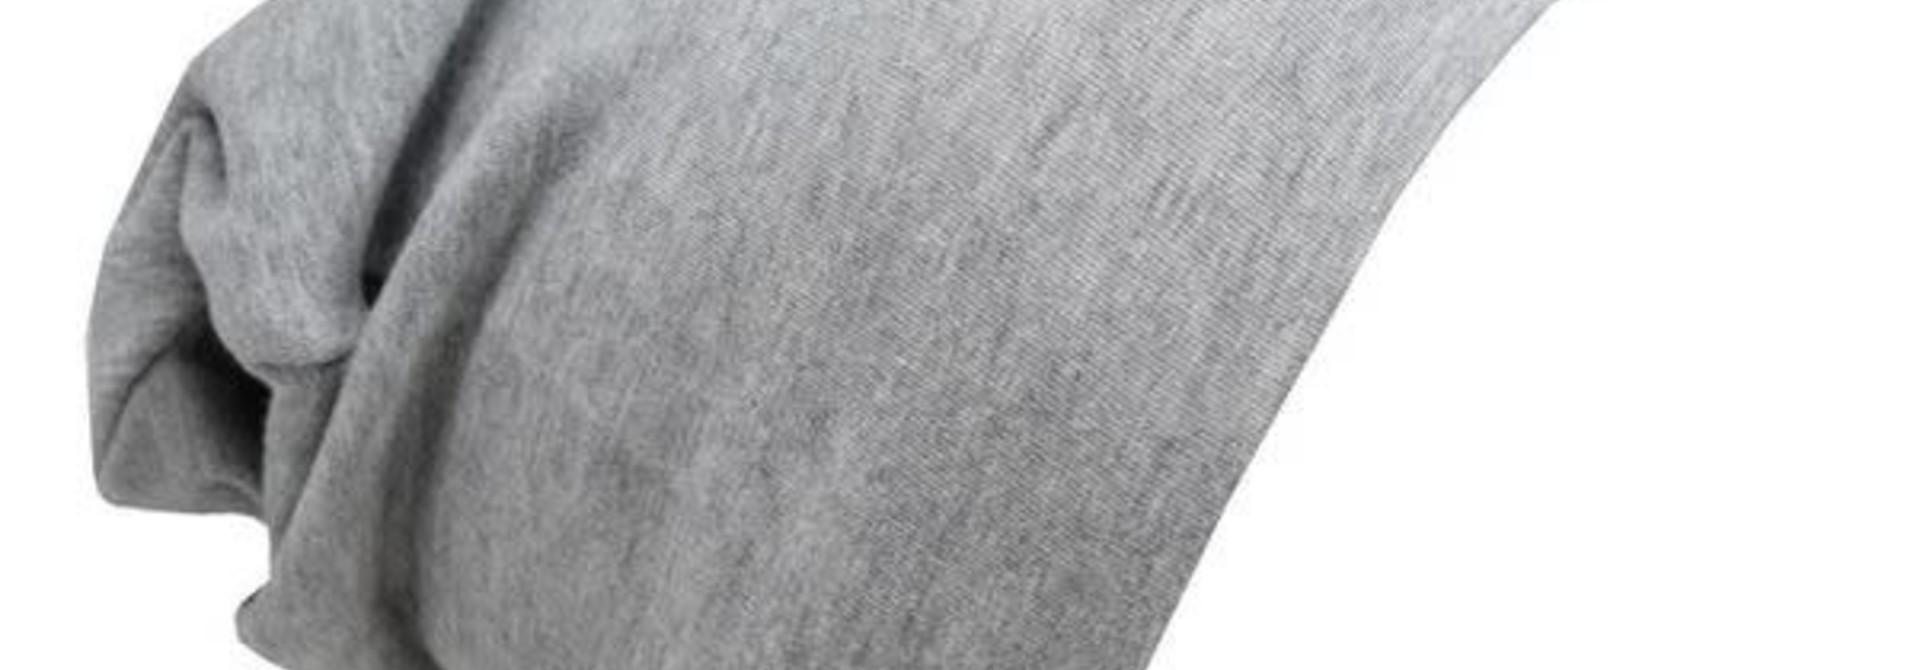 Tuque en coton